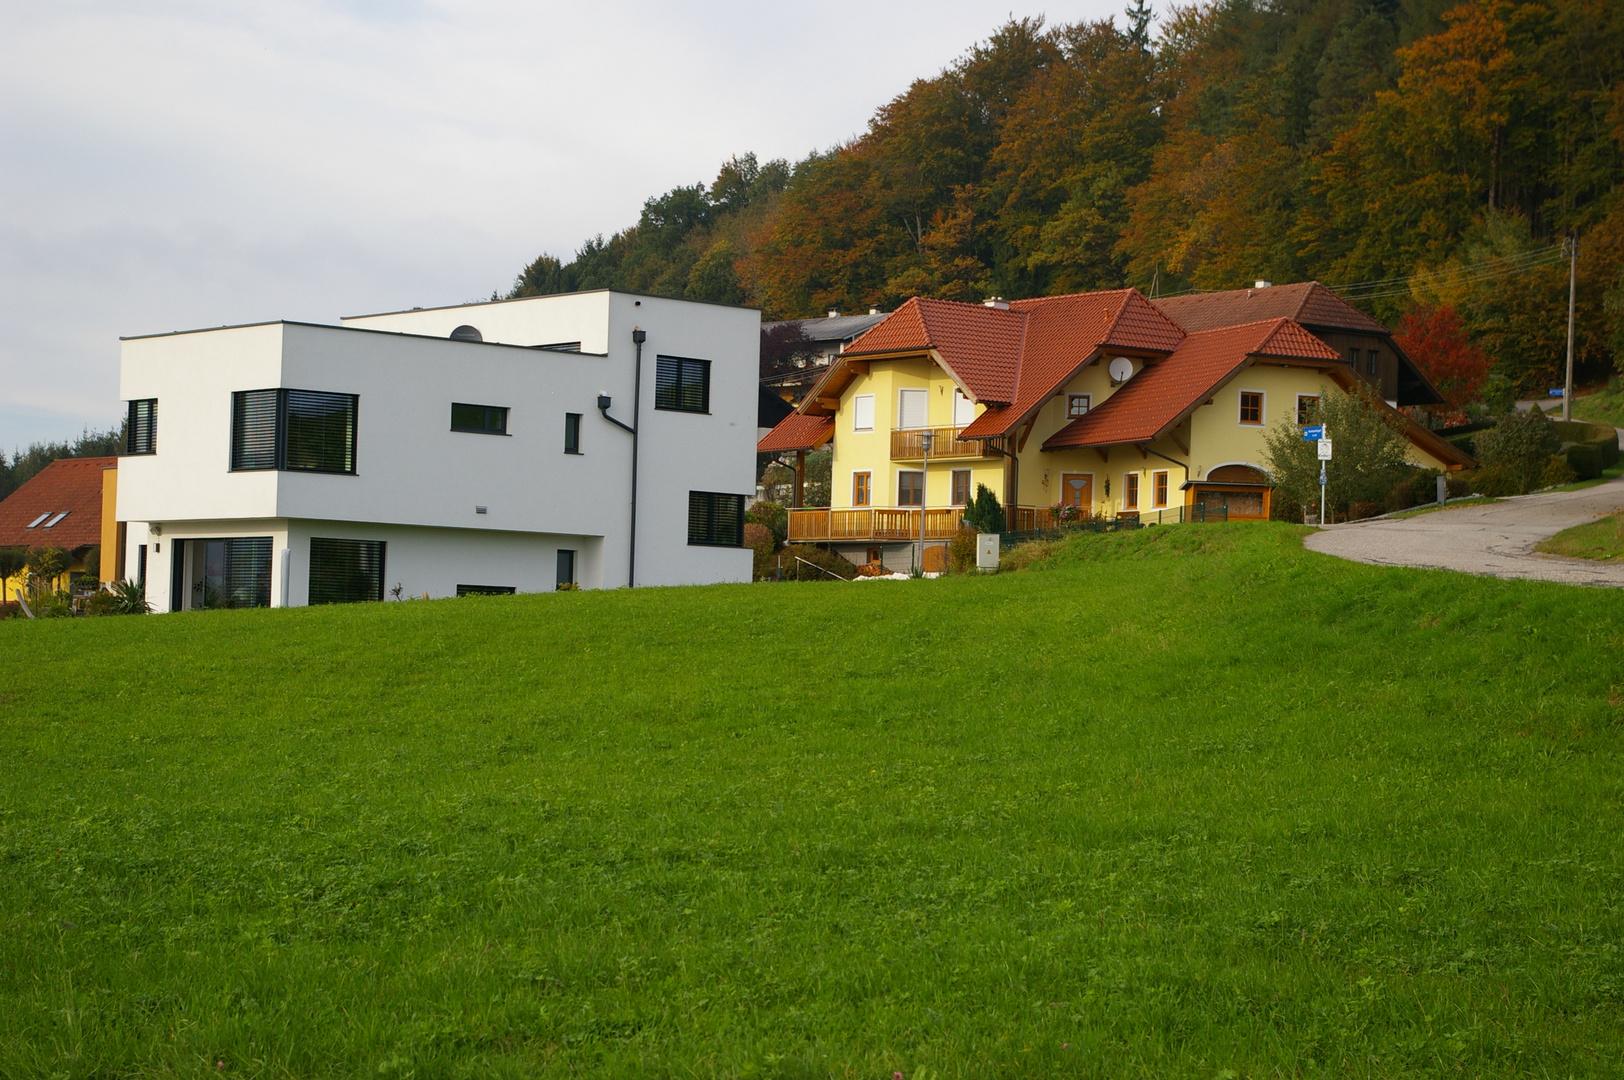 Alpenländische- und Moderne Bauweise